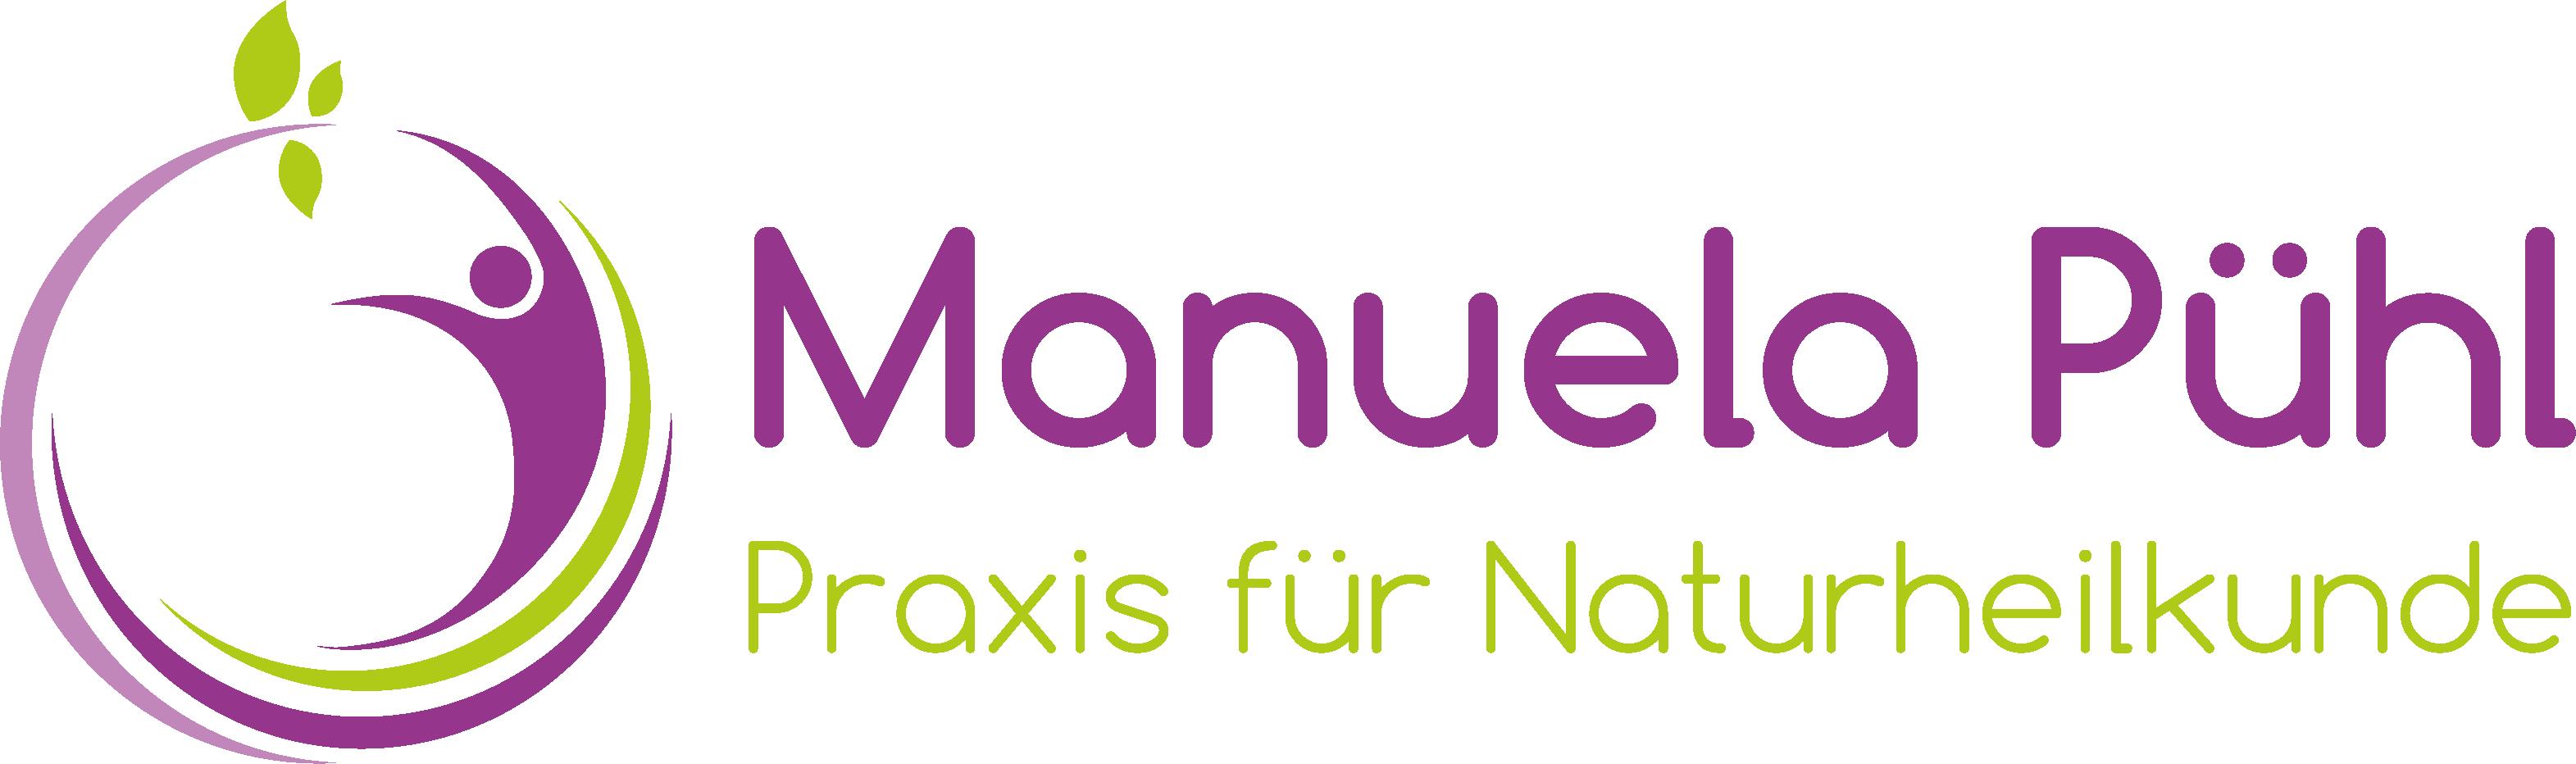 Manuela Pühl